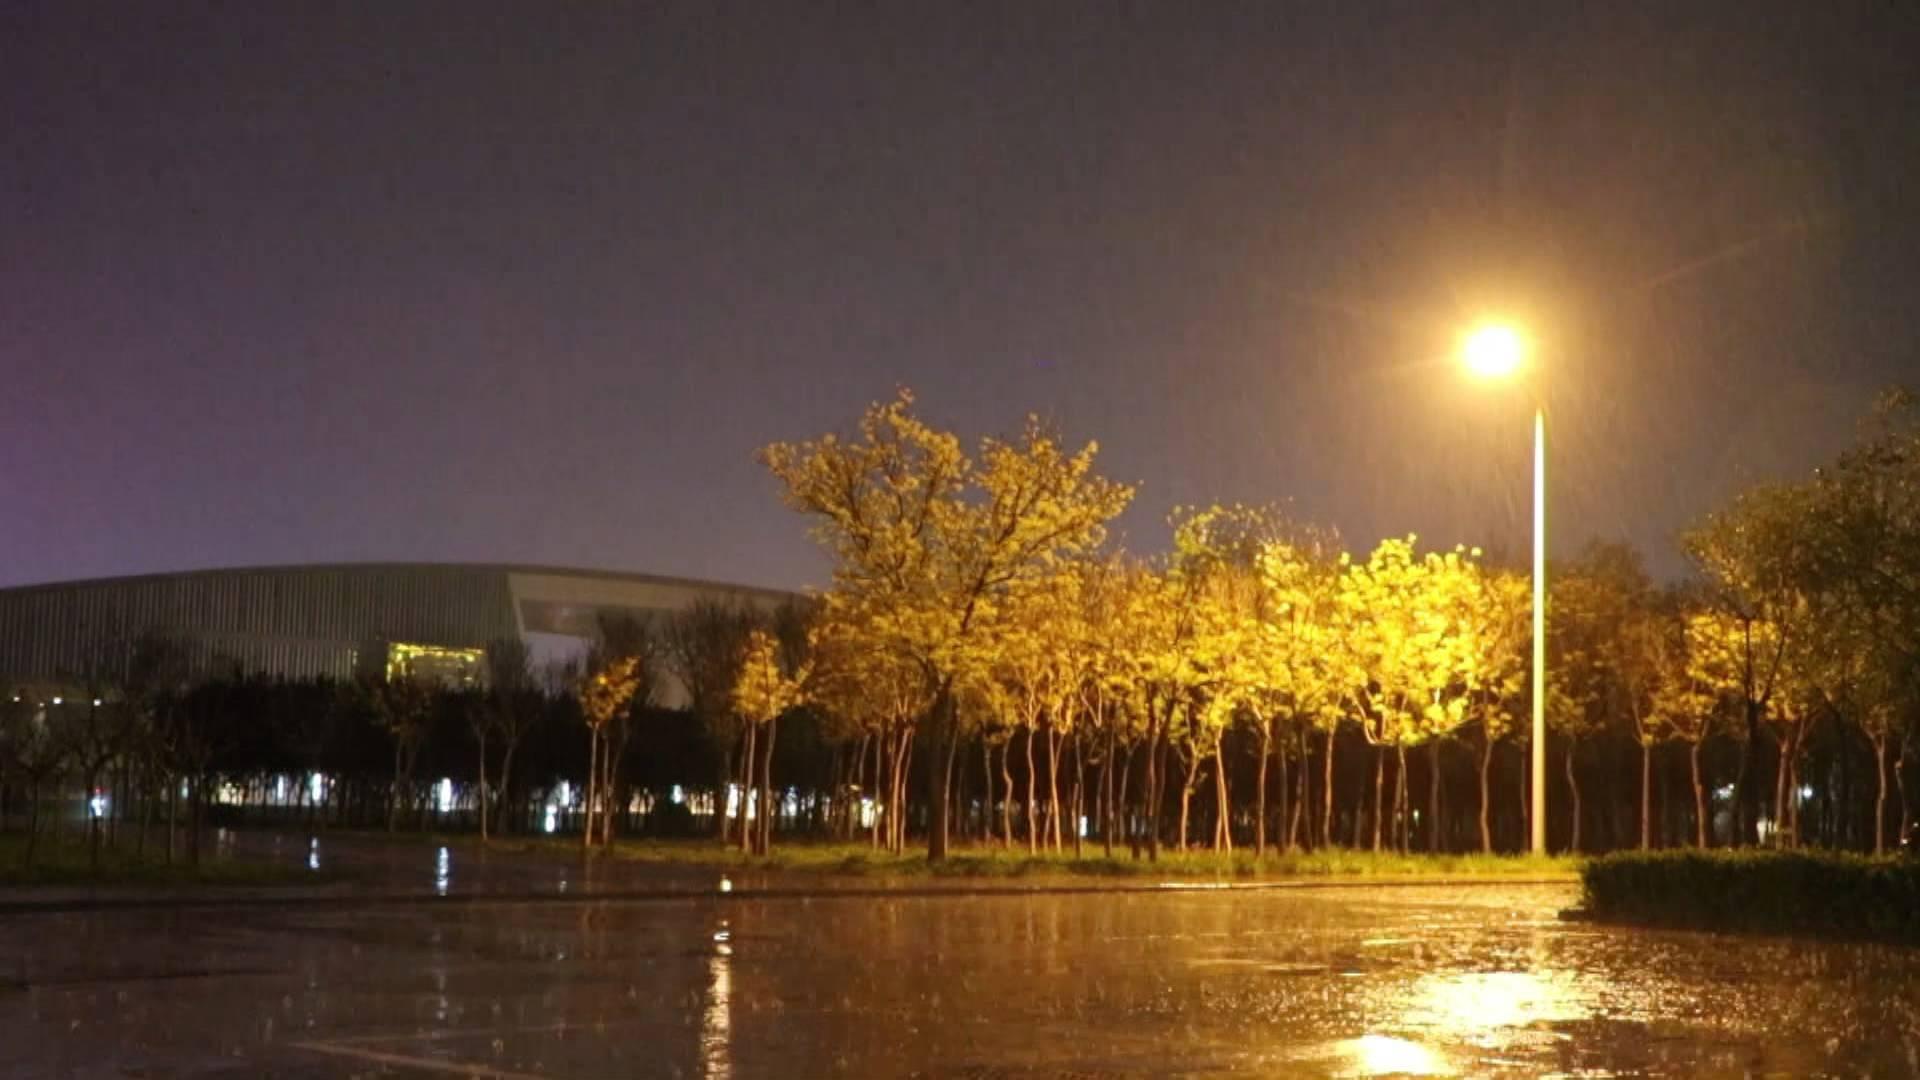 47秒|如花生米大小!德州 淄博 滨州等降下冰雹  鲁中、半岛仍有雷阵雨